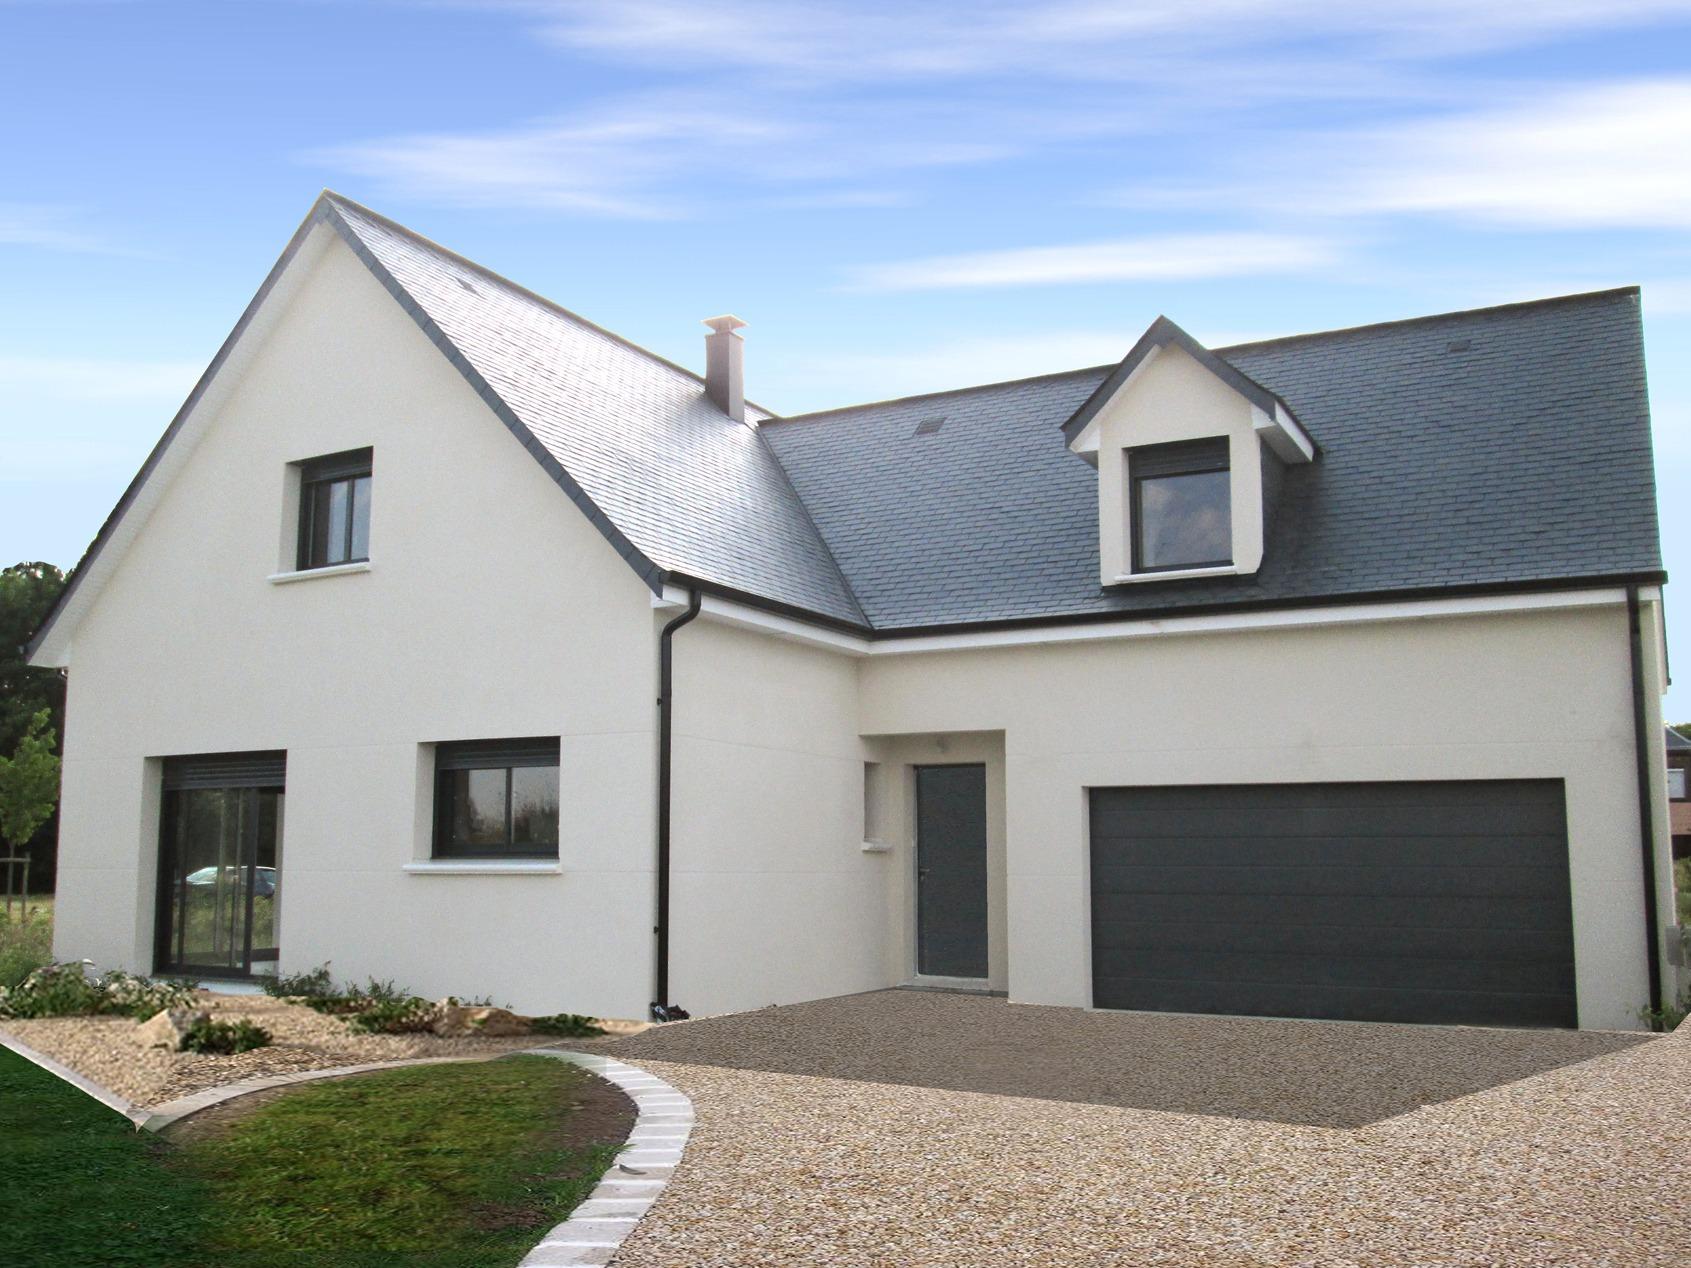 Maisons + Terrains du constructeur MAISON FAMILIALE MANTES • 130 m² • MAULE